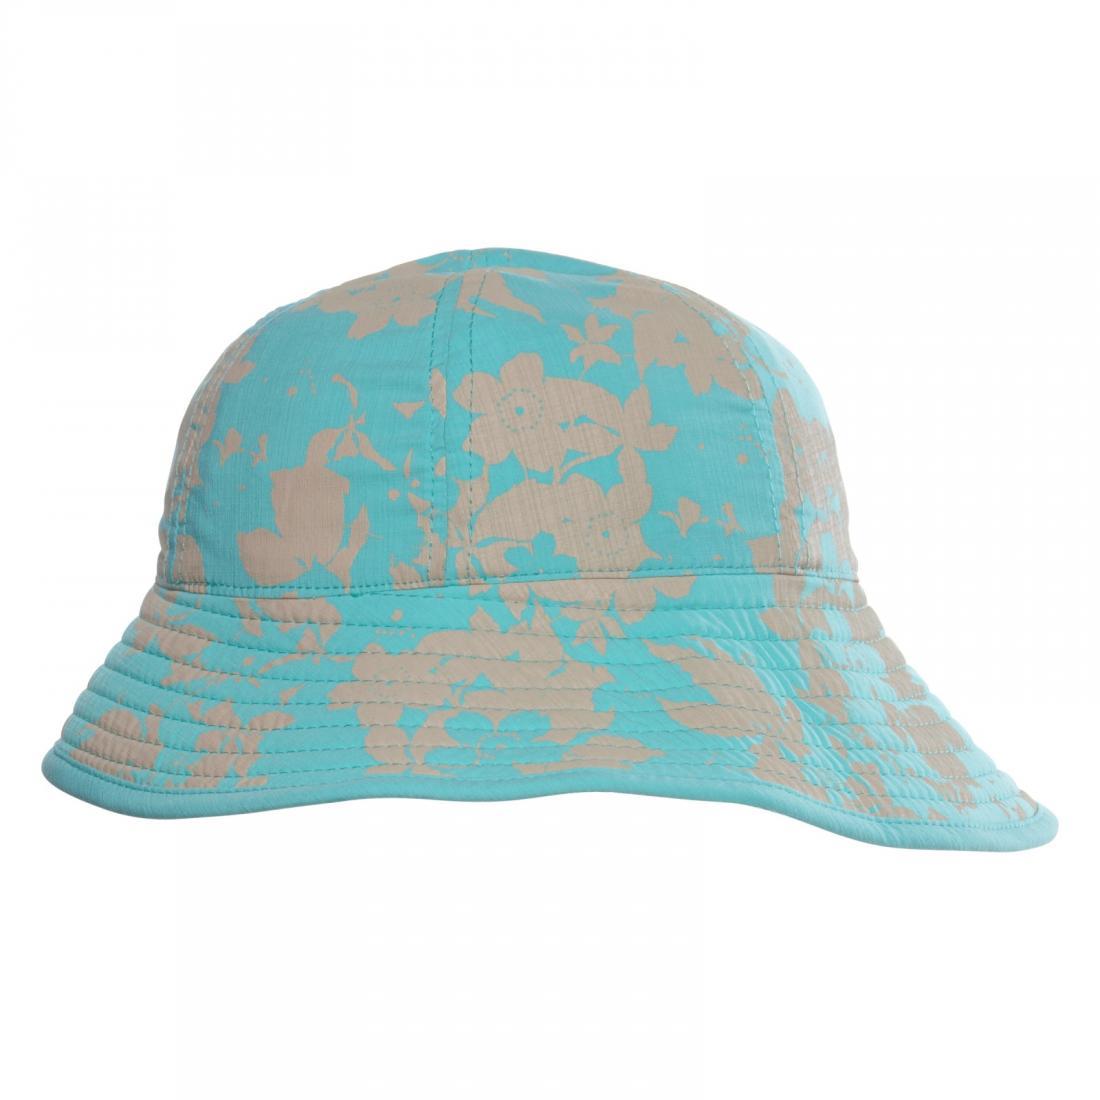 Панама Chaos  Summit Beach Hat (женс)Панамы<br><br> Элегантная женская панама Summit Beach Hat — это отличный пляжный вариант от Chaos. В ней можно не беспокоиться о том, что жаркое солнце напечет г...<br><br>Цвет: Голубой<br>Размер: S-M